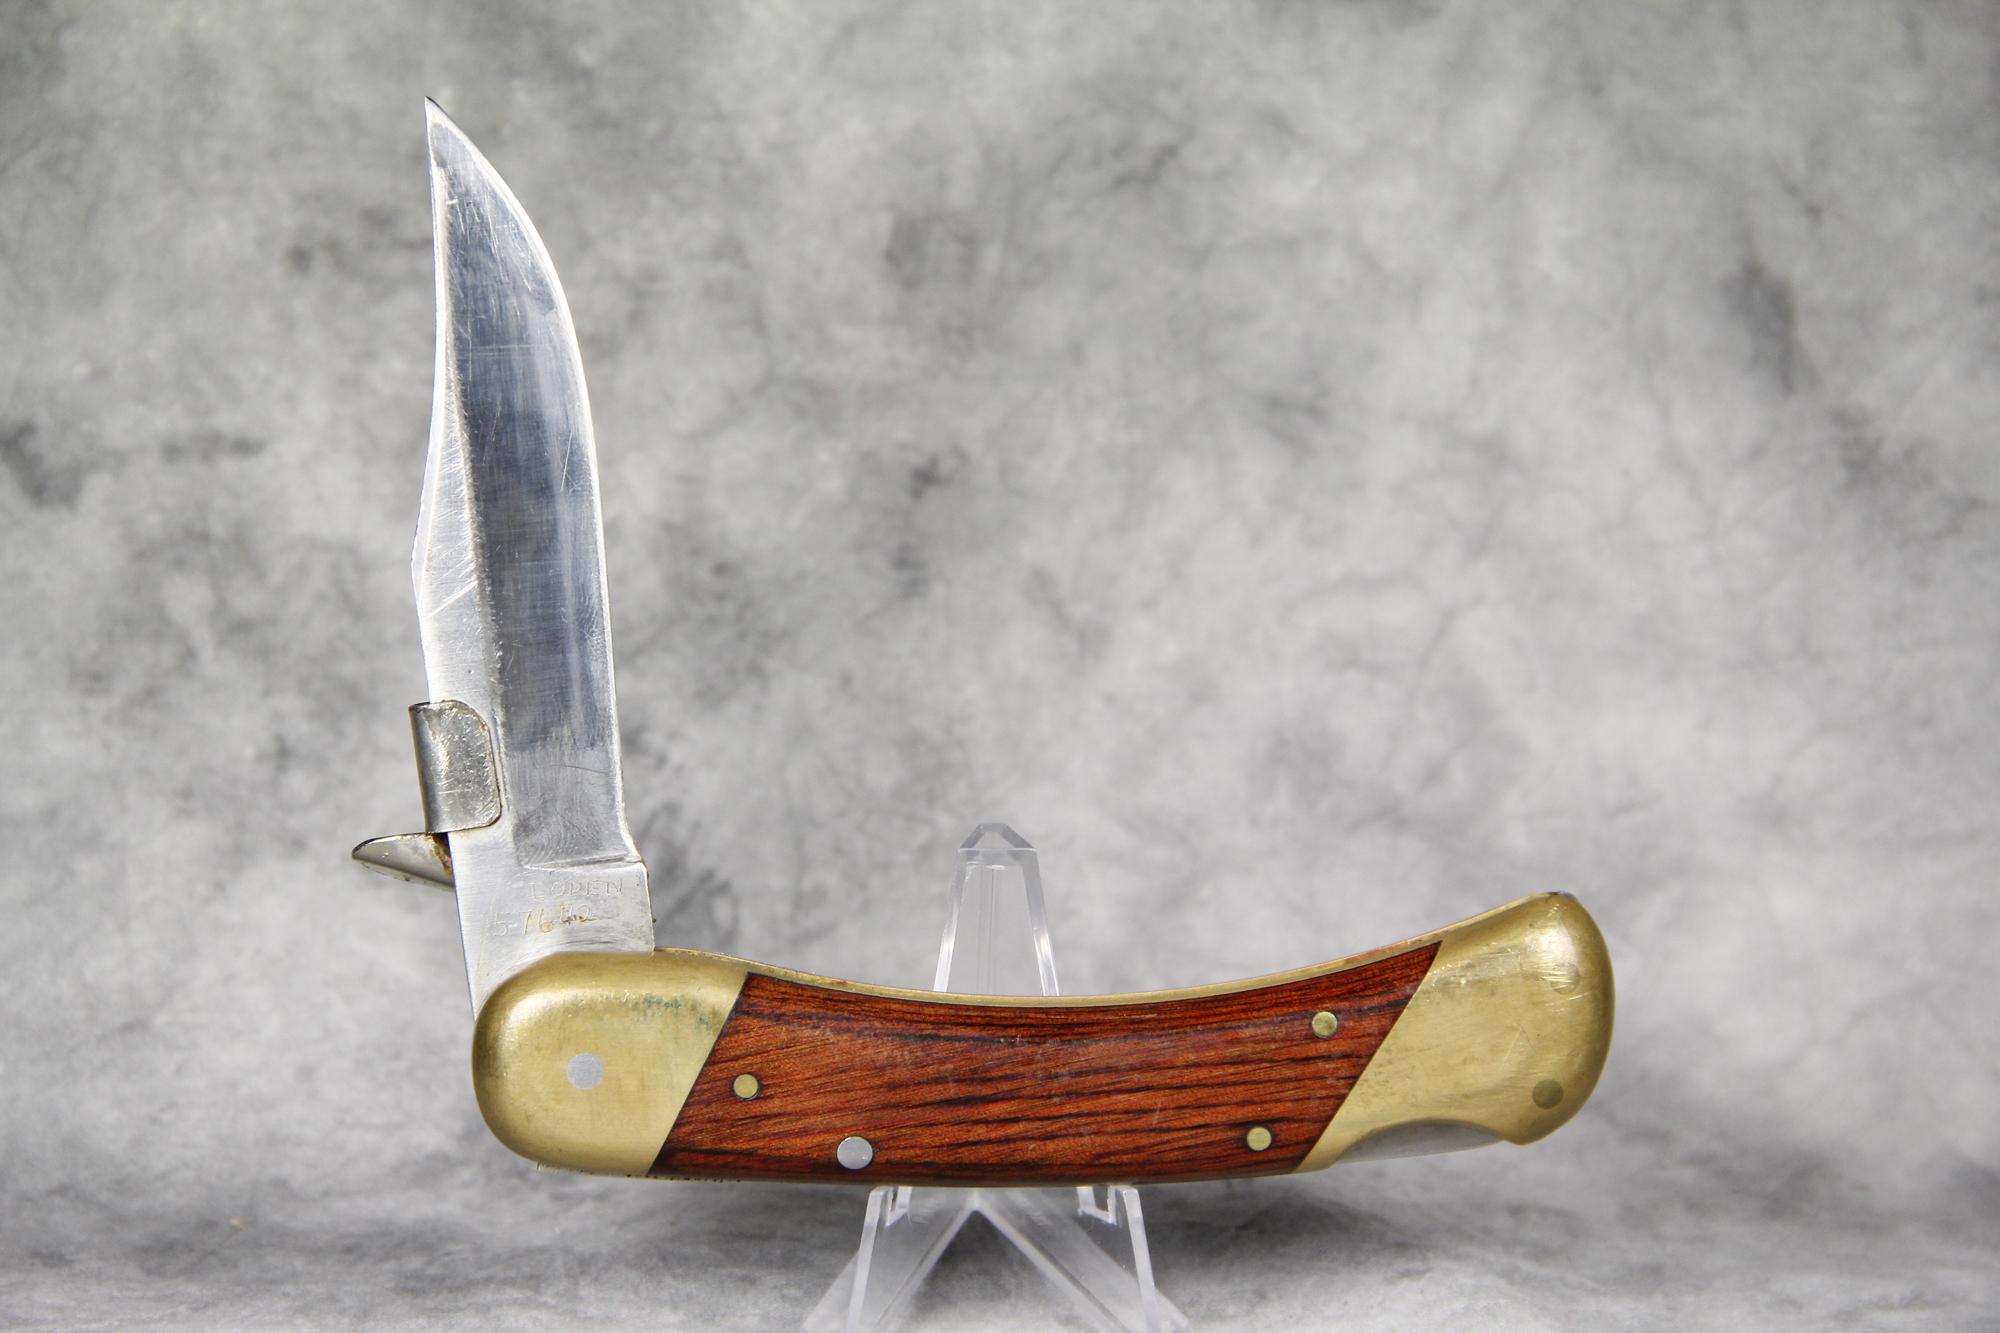 Schrade LB7 нож 4 Pin Lockback серийный #F около с